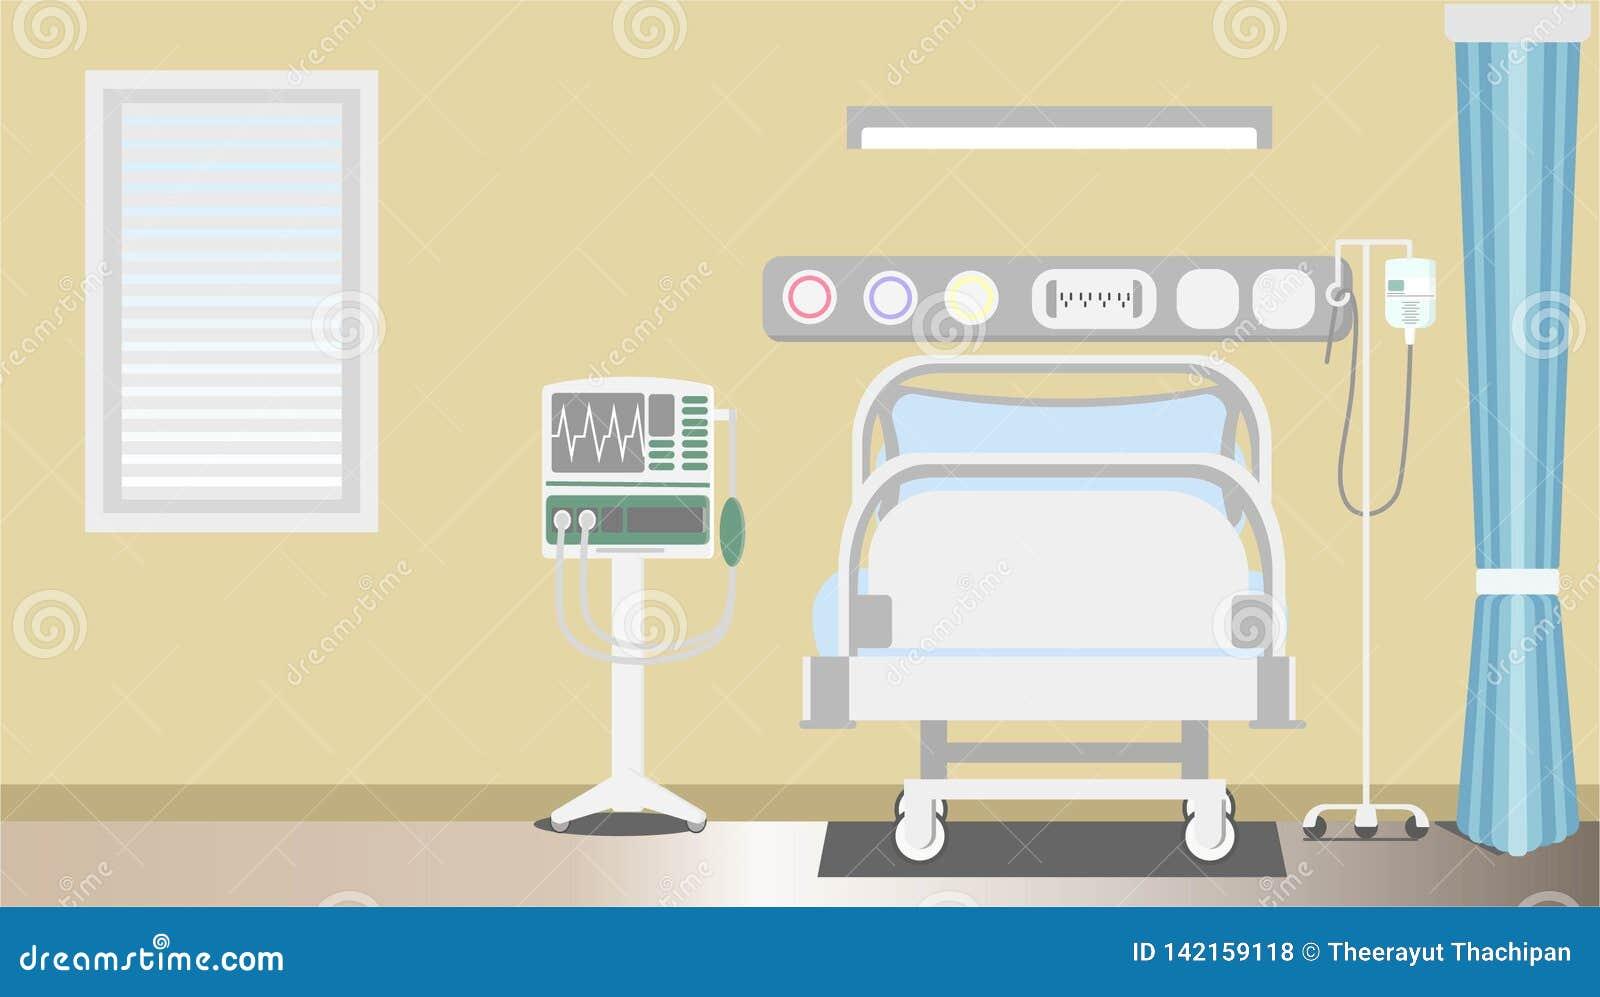 Espacio paciente de la terapia intensiva interior con el ilustrador plano del vector de la copia